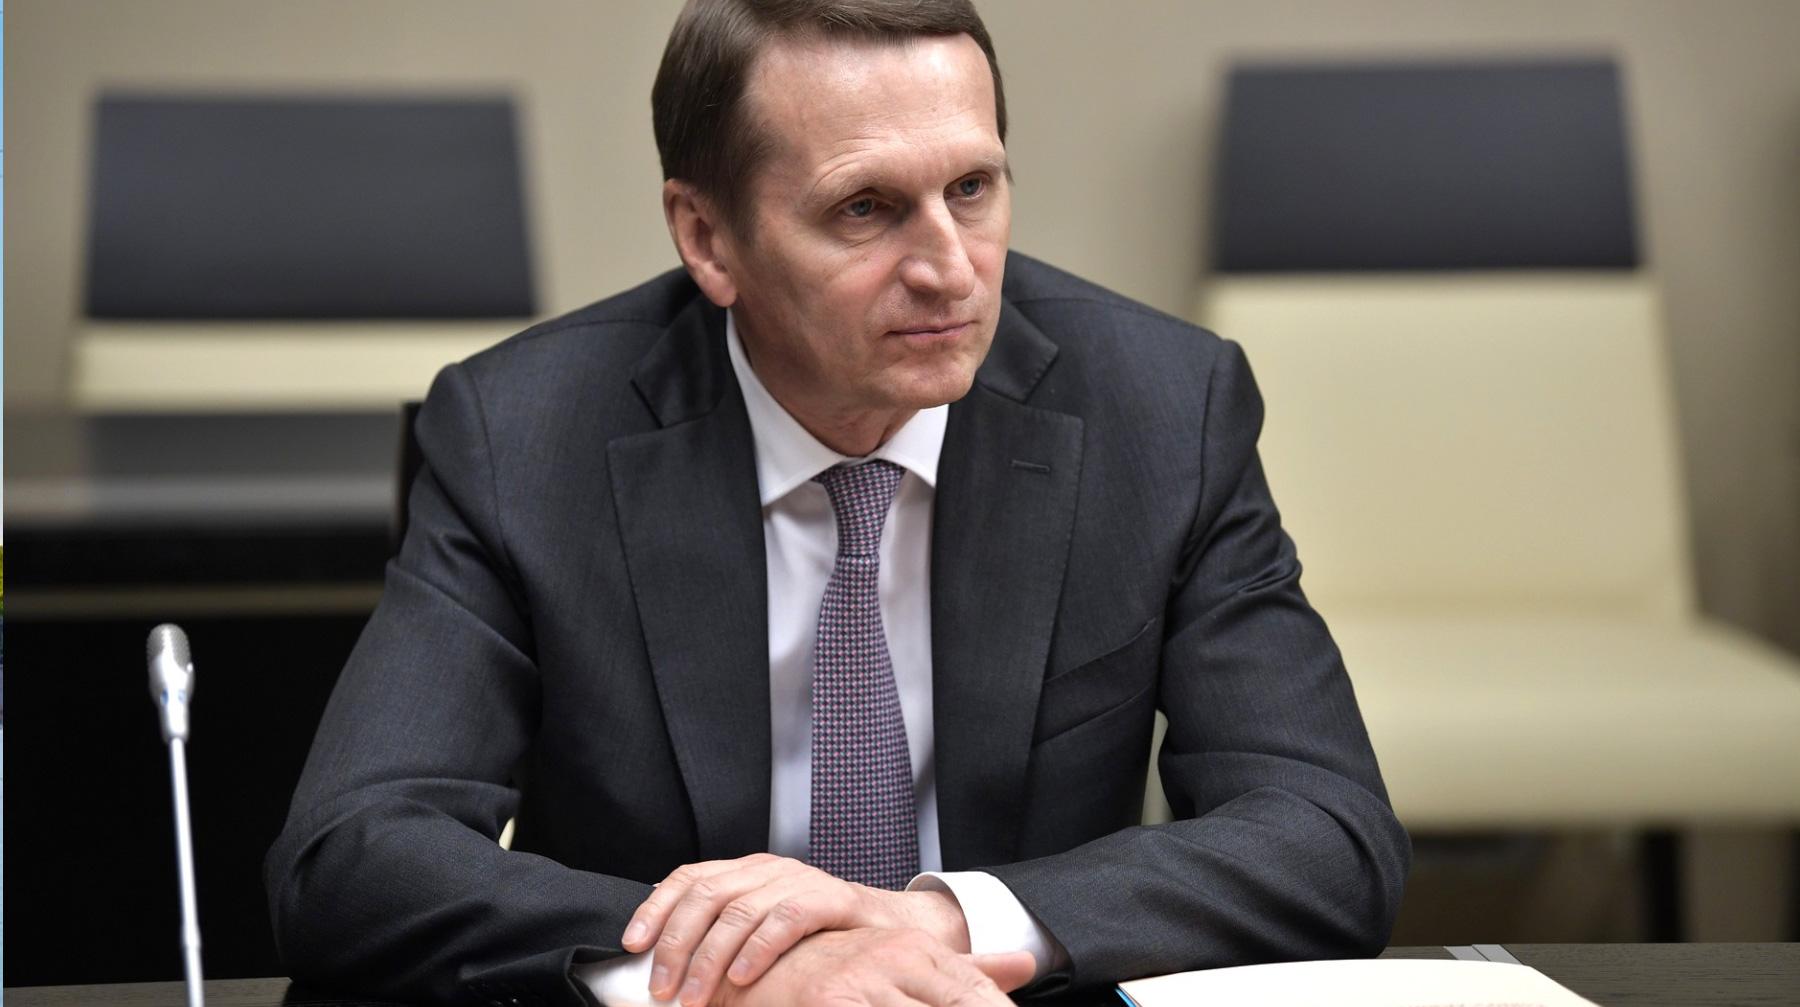 Руководитель русской разведки предложил поддерживать рэперов грантами